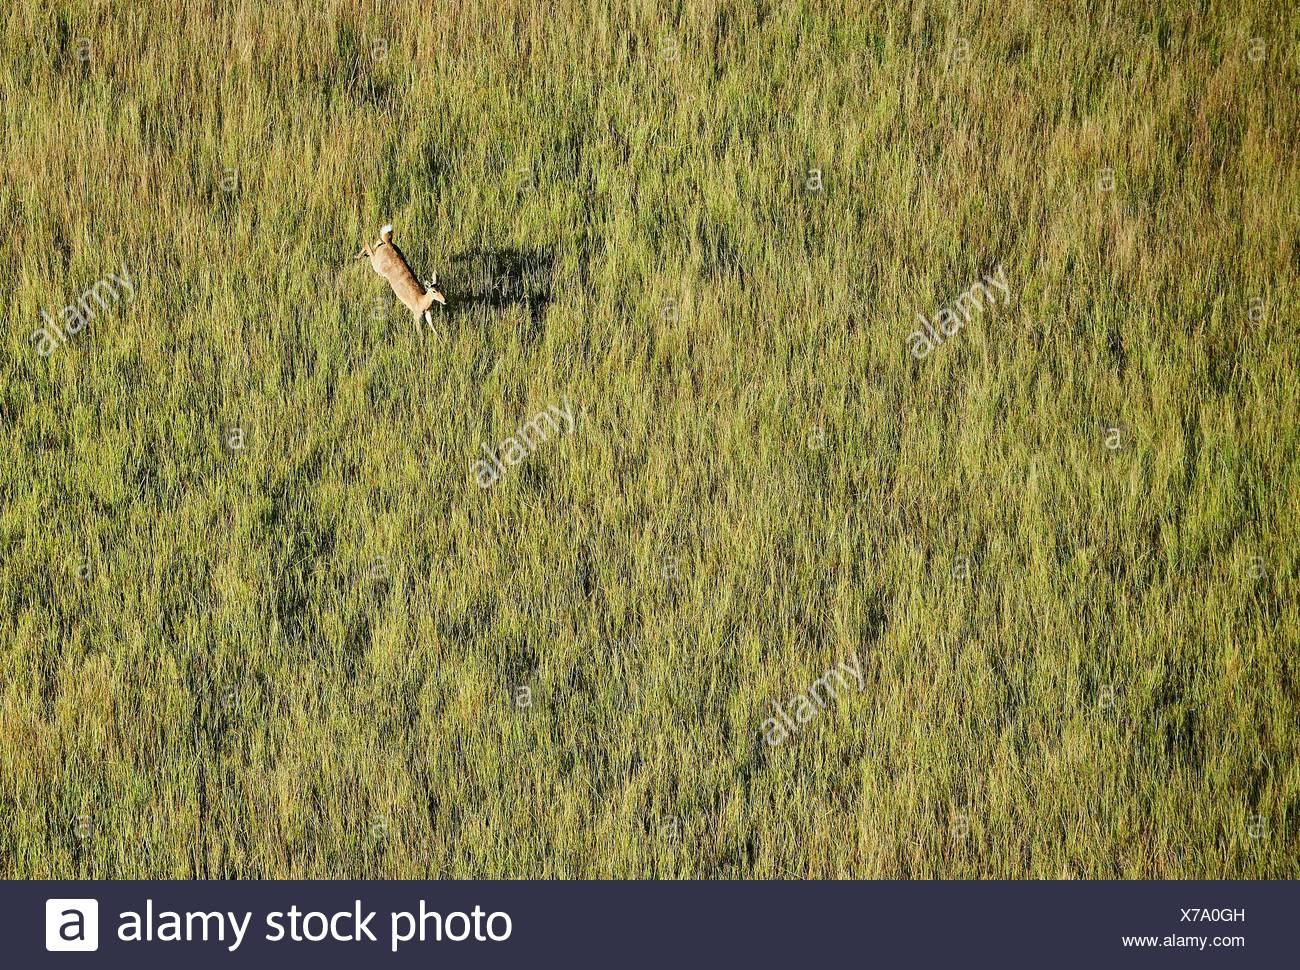 Aerial view of Lechwe (Kobus leche) jumping, Okavango Delta, Botswana, Africa. - Stock Image